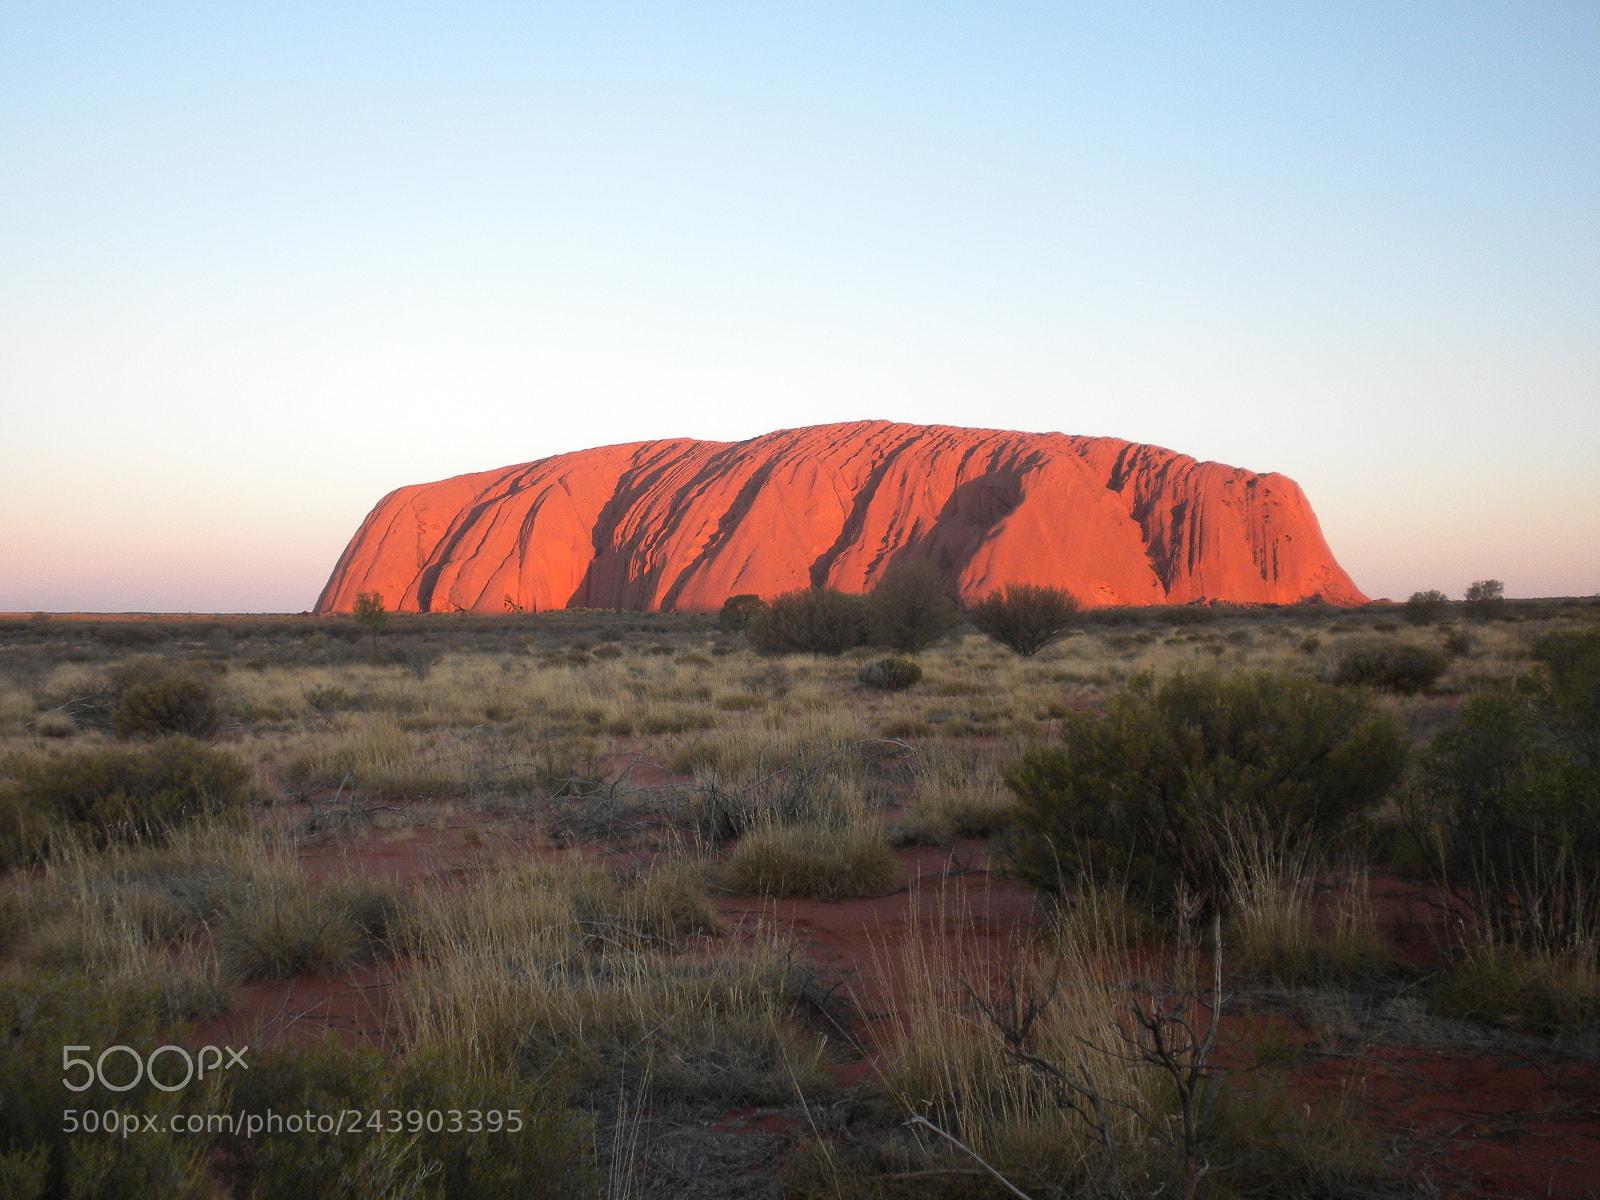 Majestic Uluru at sunset